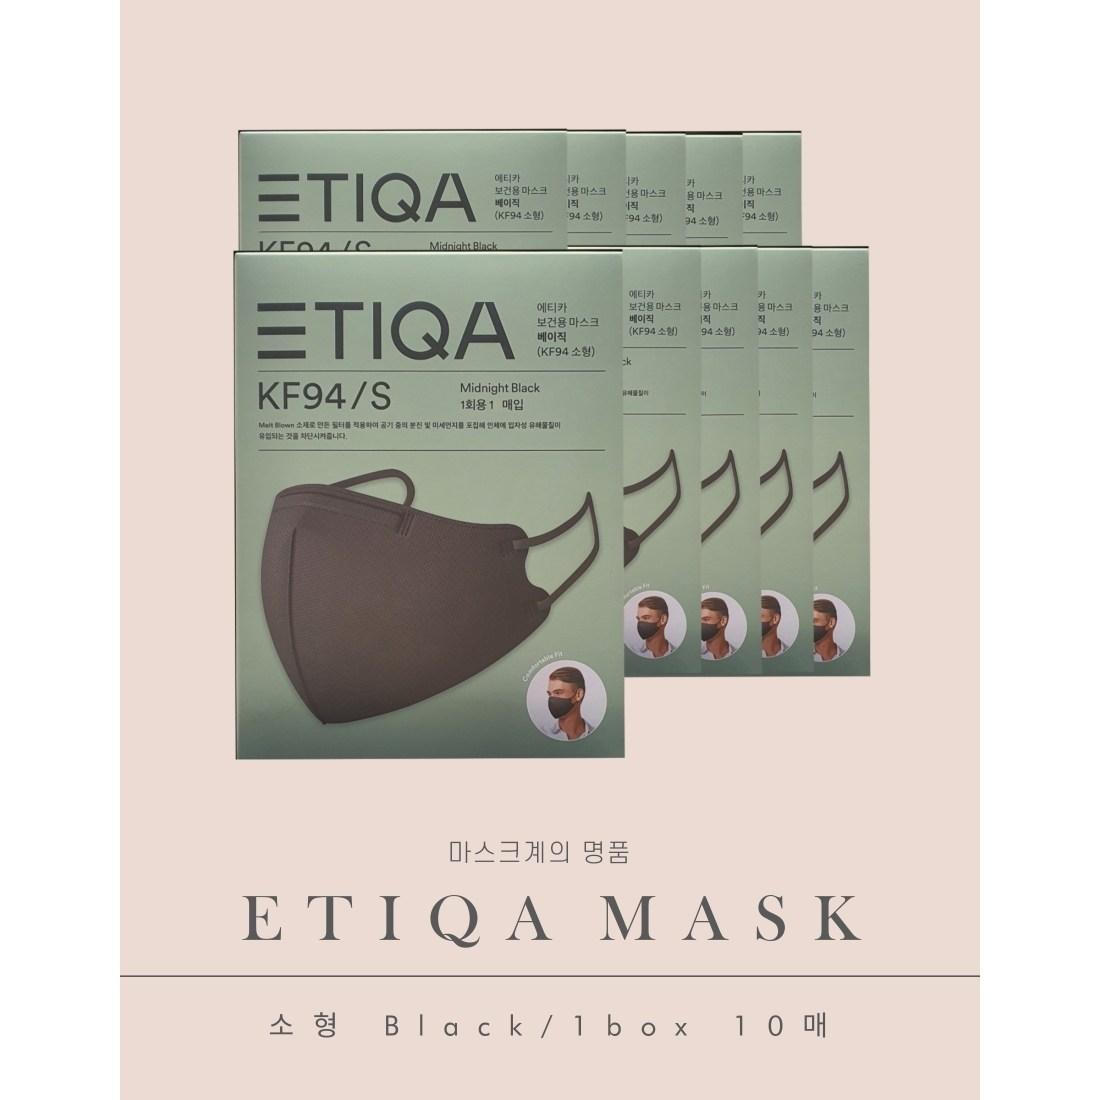 에티카 마스크 KF94 블랙 검정 소형 1box 10매 개별포장, 10개, 1매